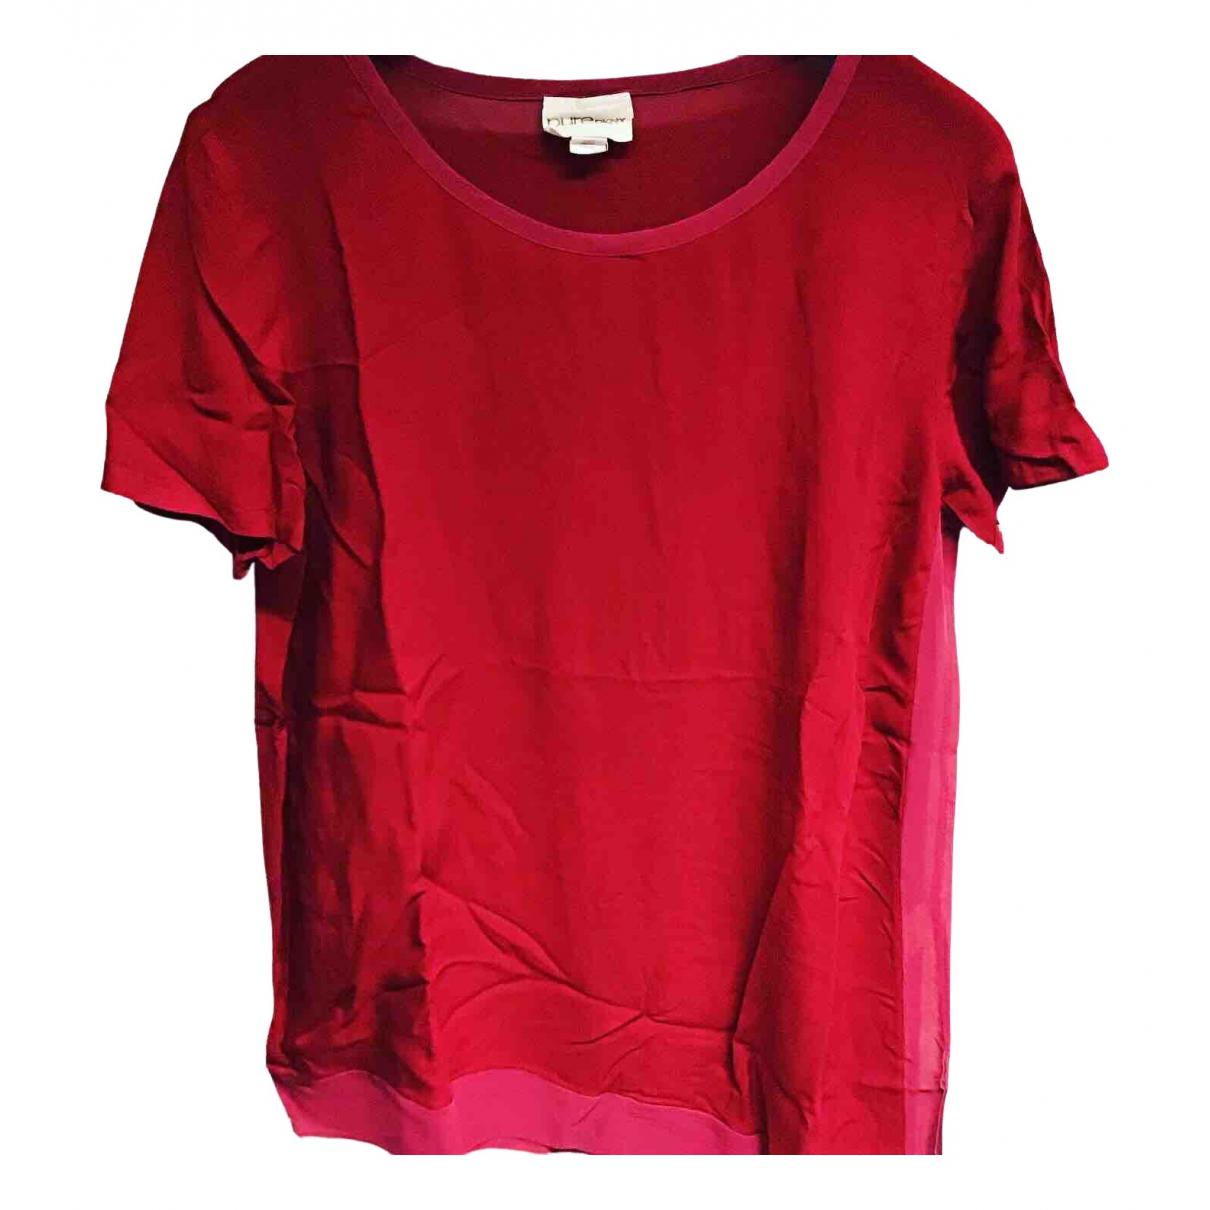 Dkny - Top   pour femme - rouge